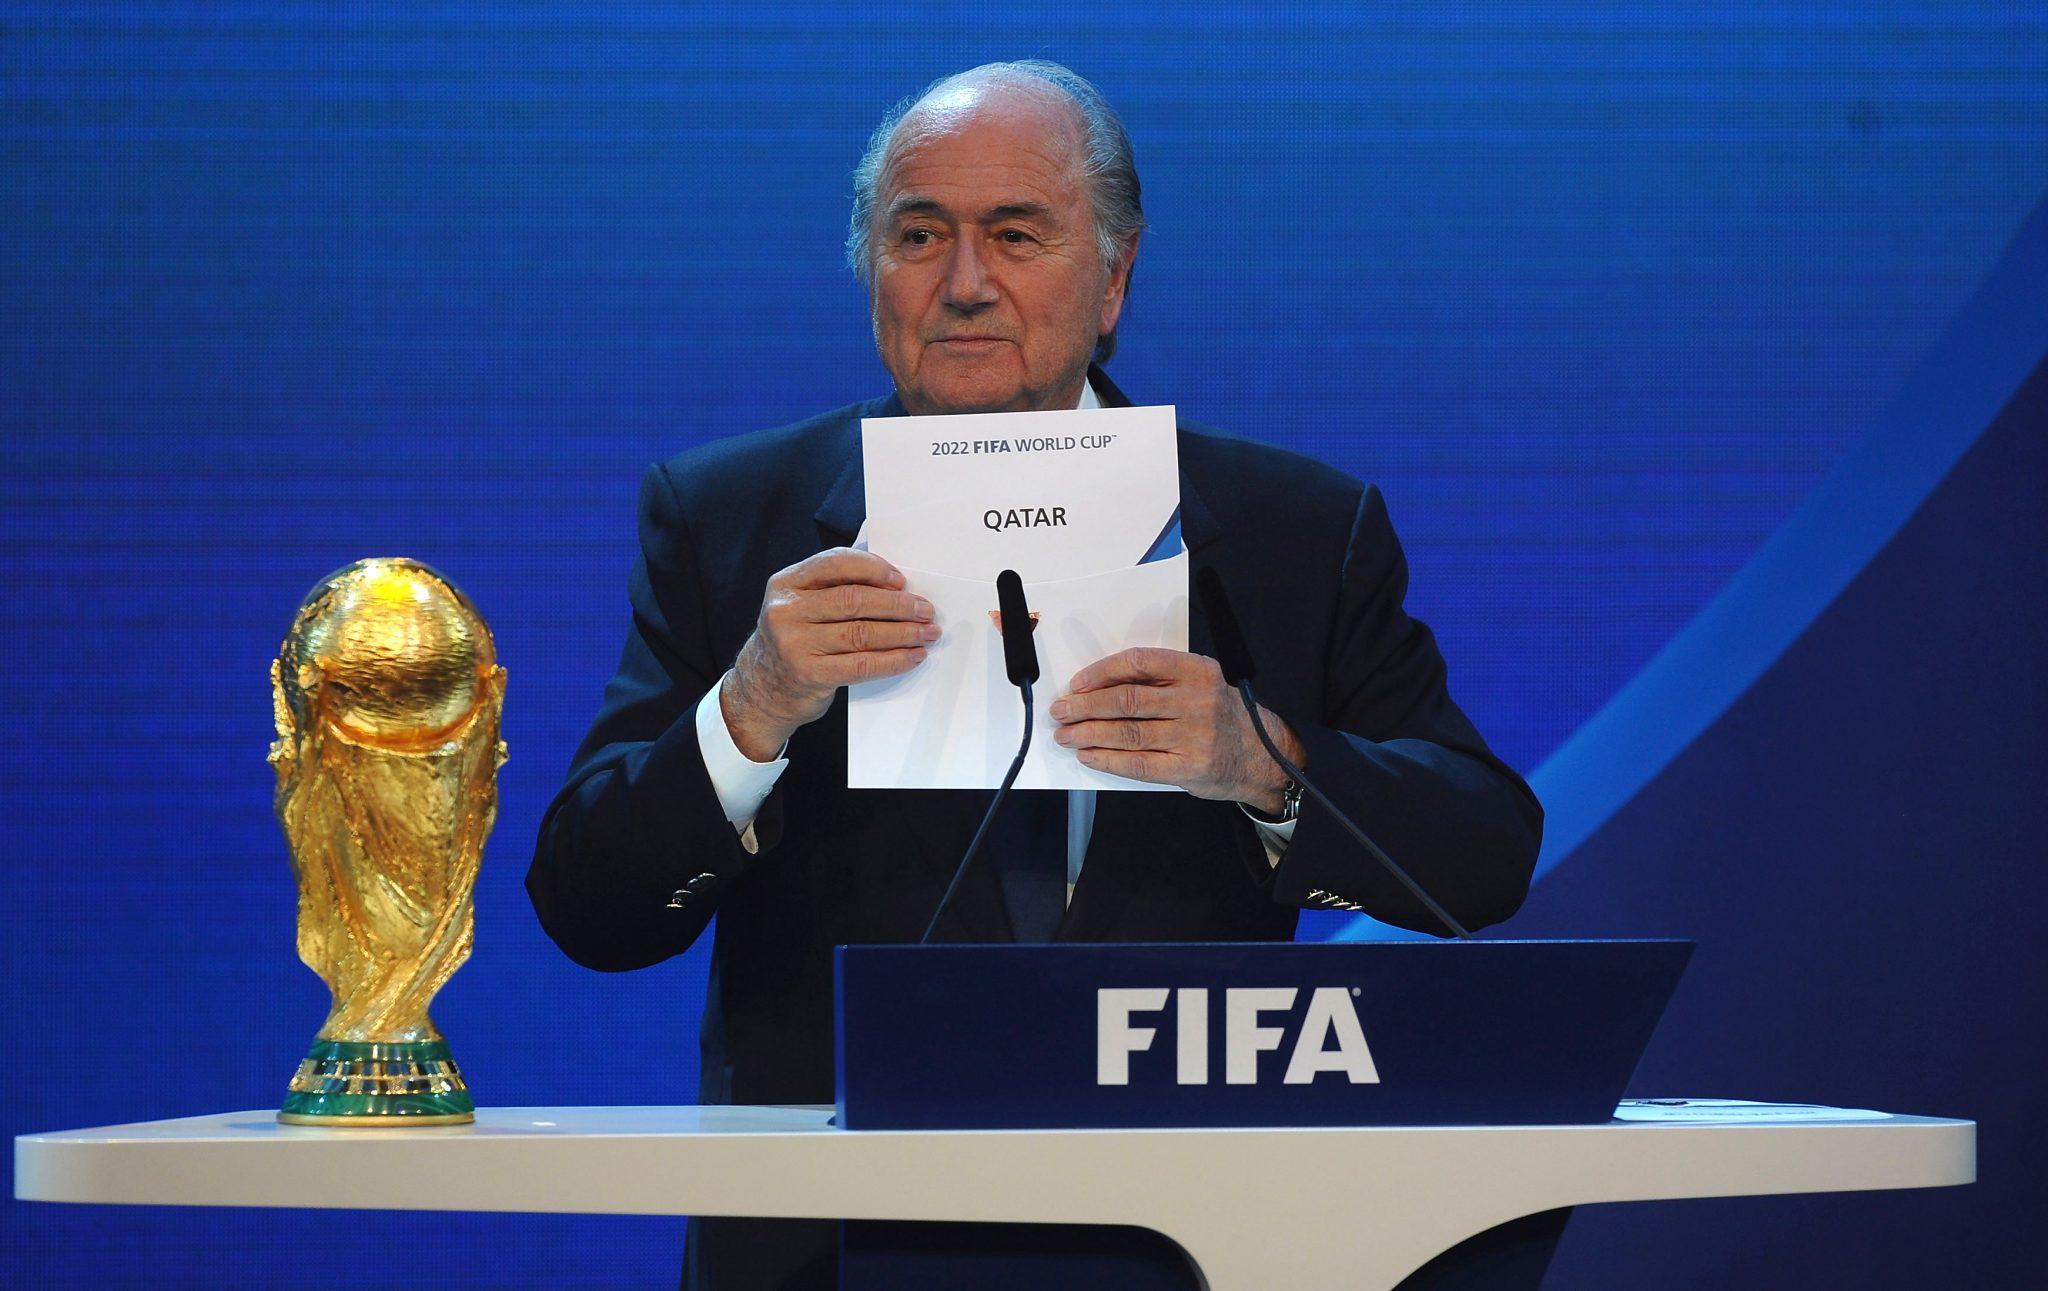 Любой ценой: ради проведения ЧМ-2022 Катар очернял конкурентов